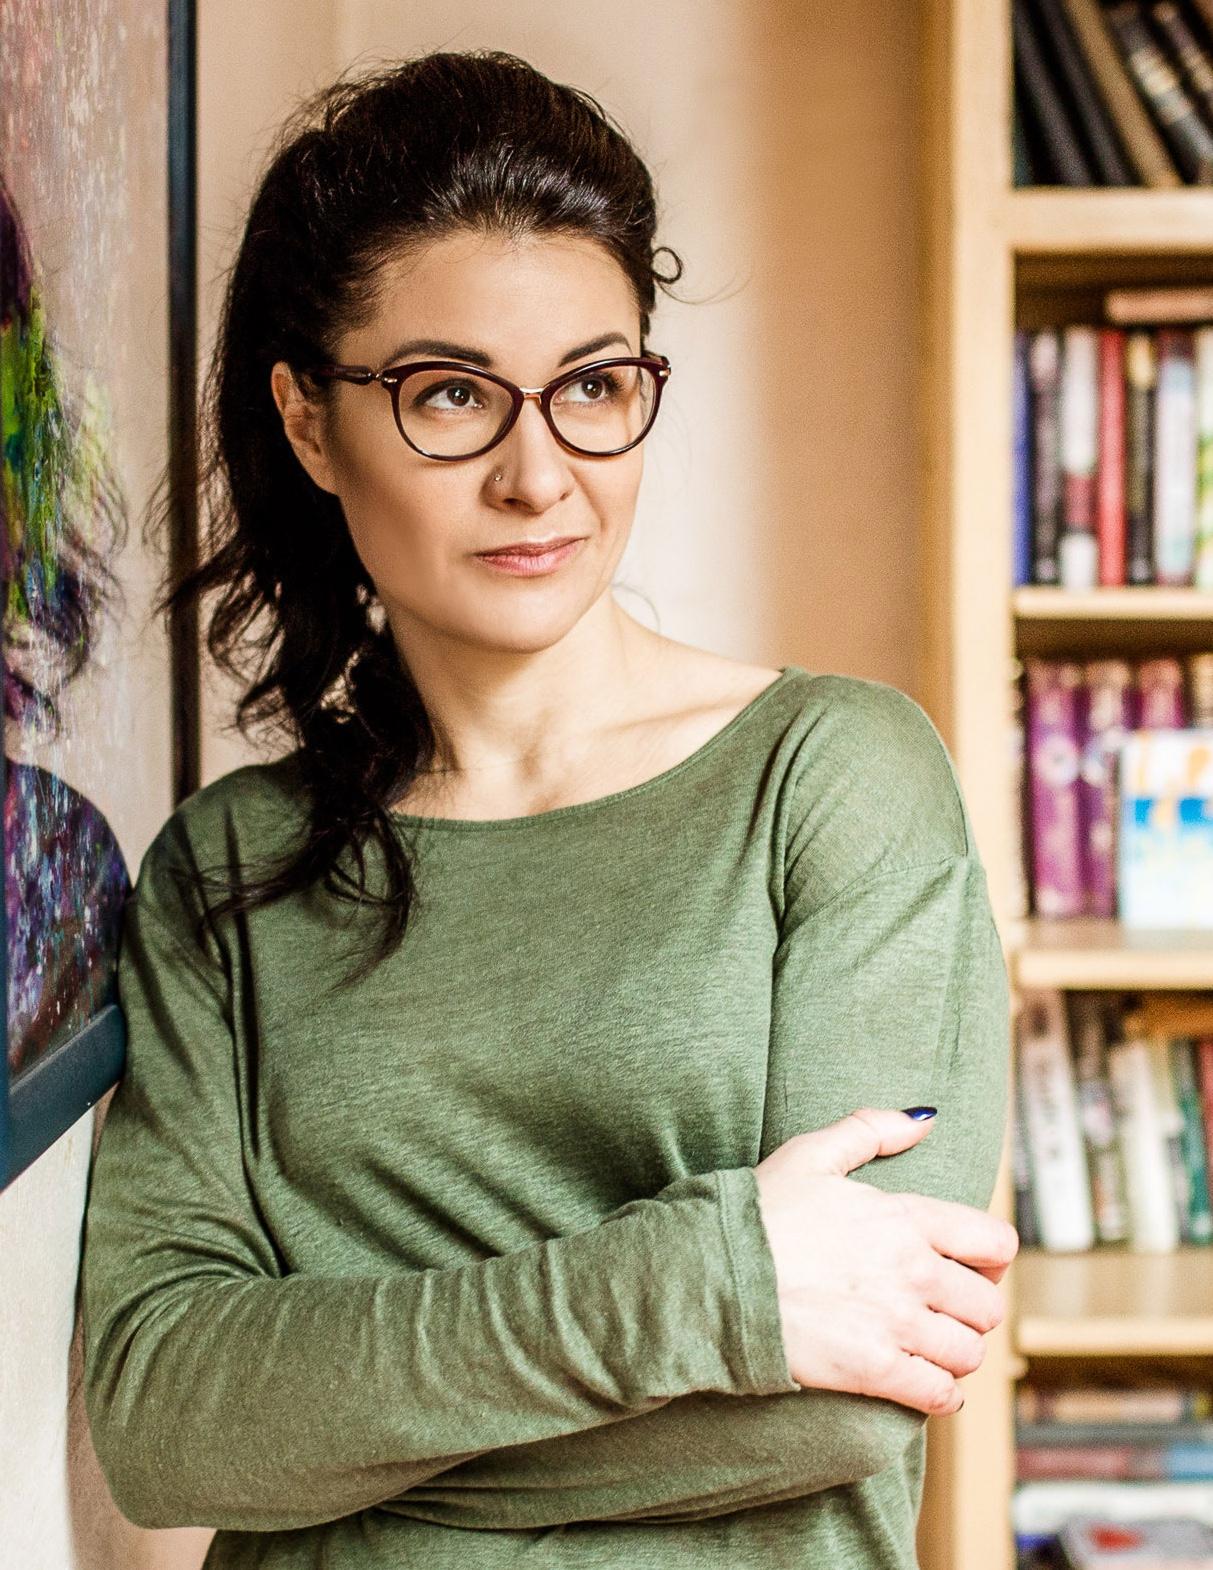 Психолог Елена Бренер